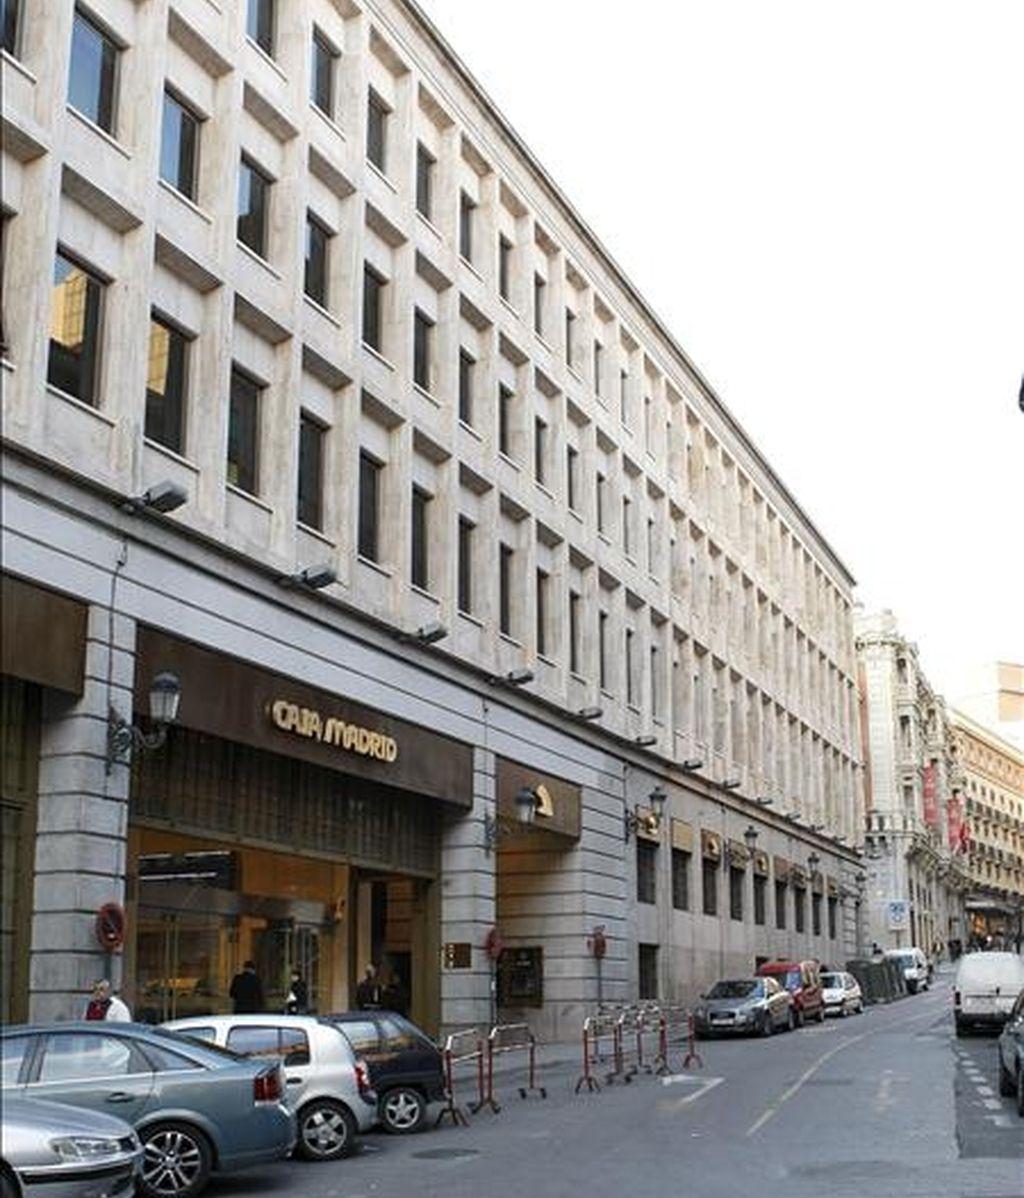 Fachada de la sede institucional de Caja Madrid. EFE/Archivo